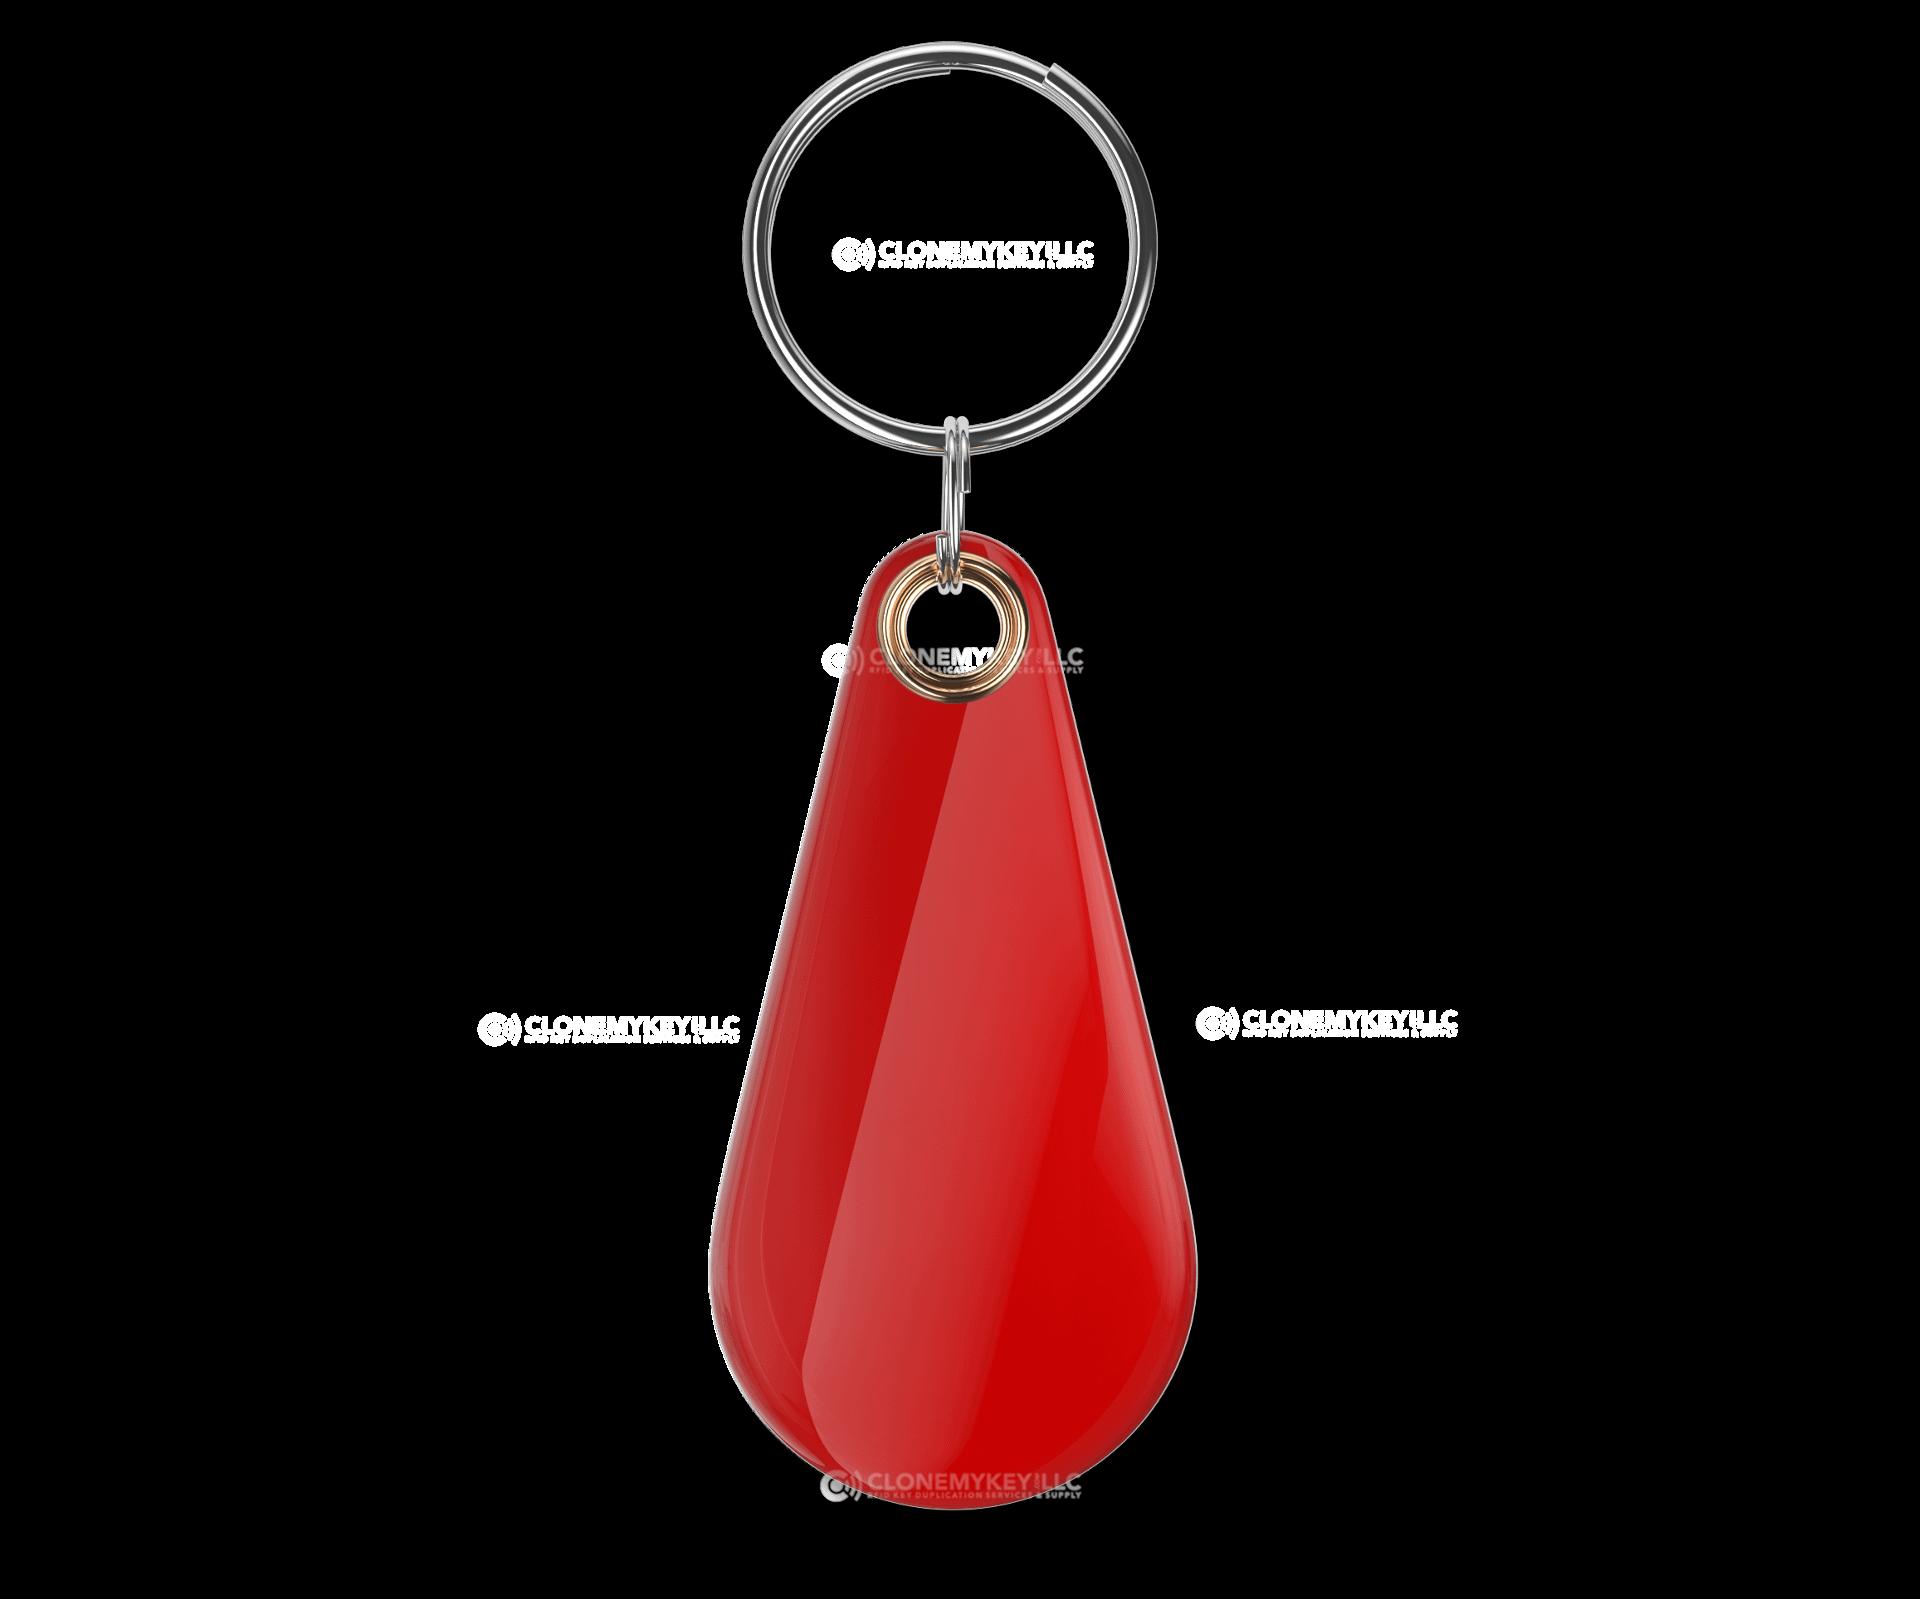 RFID Epoxy Thin Red Key Fob Blank